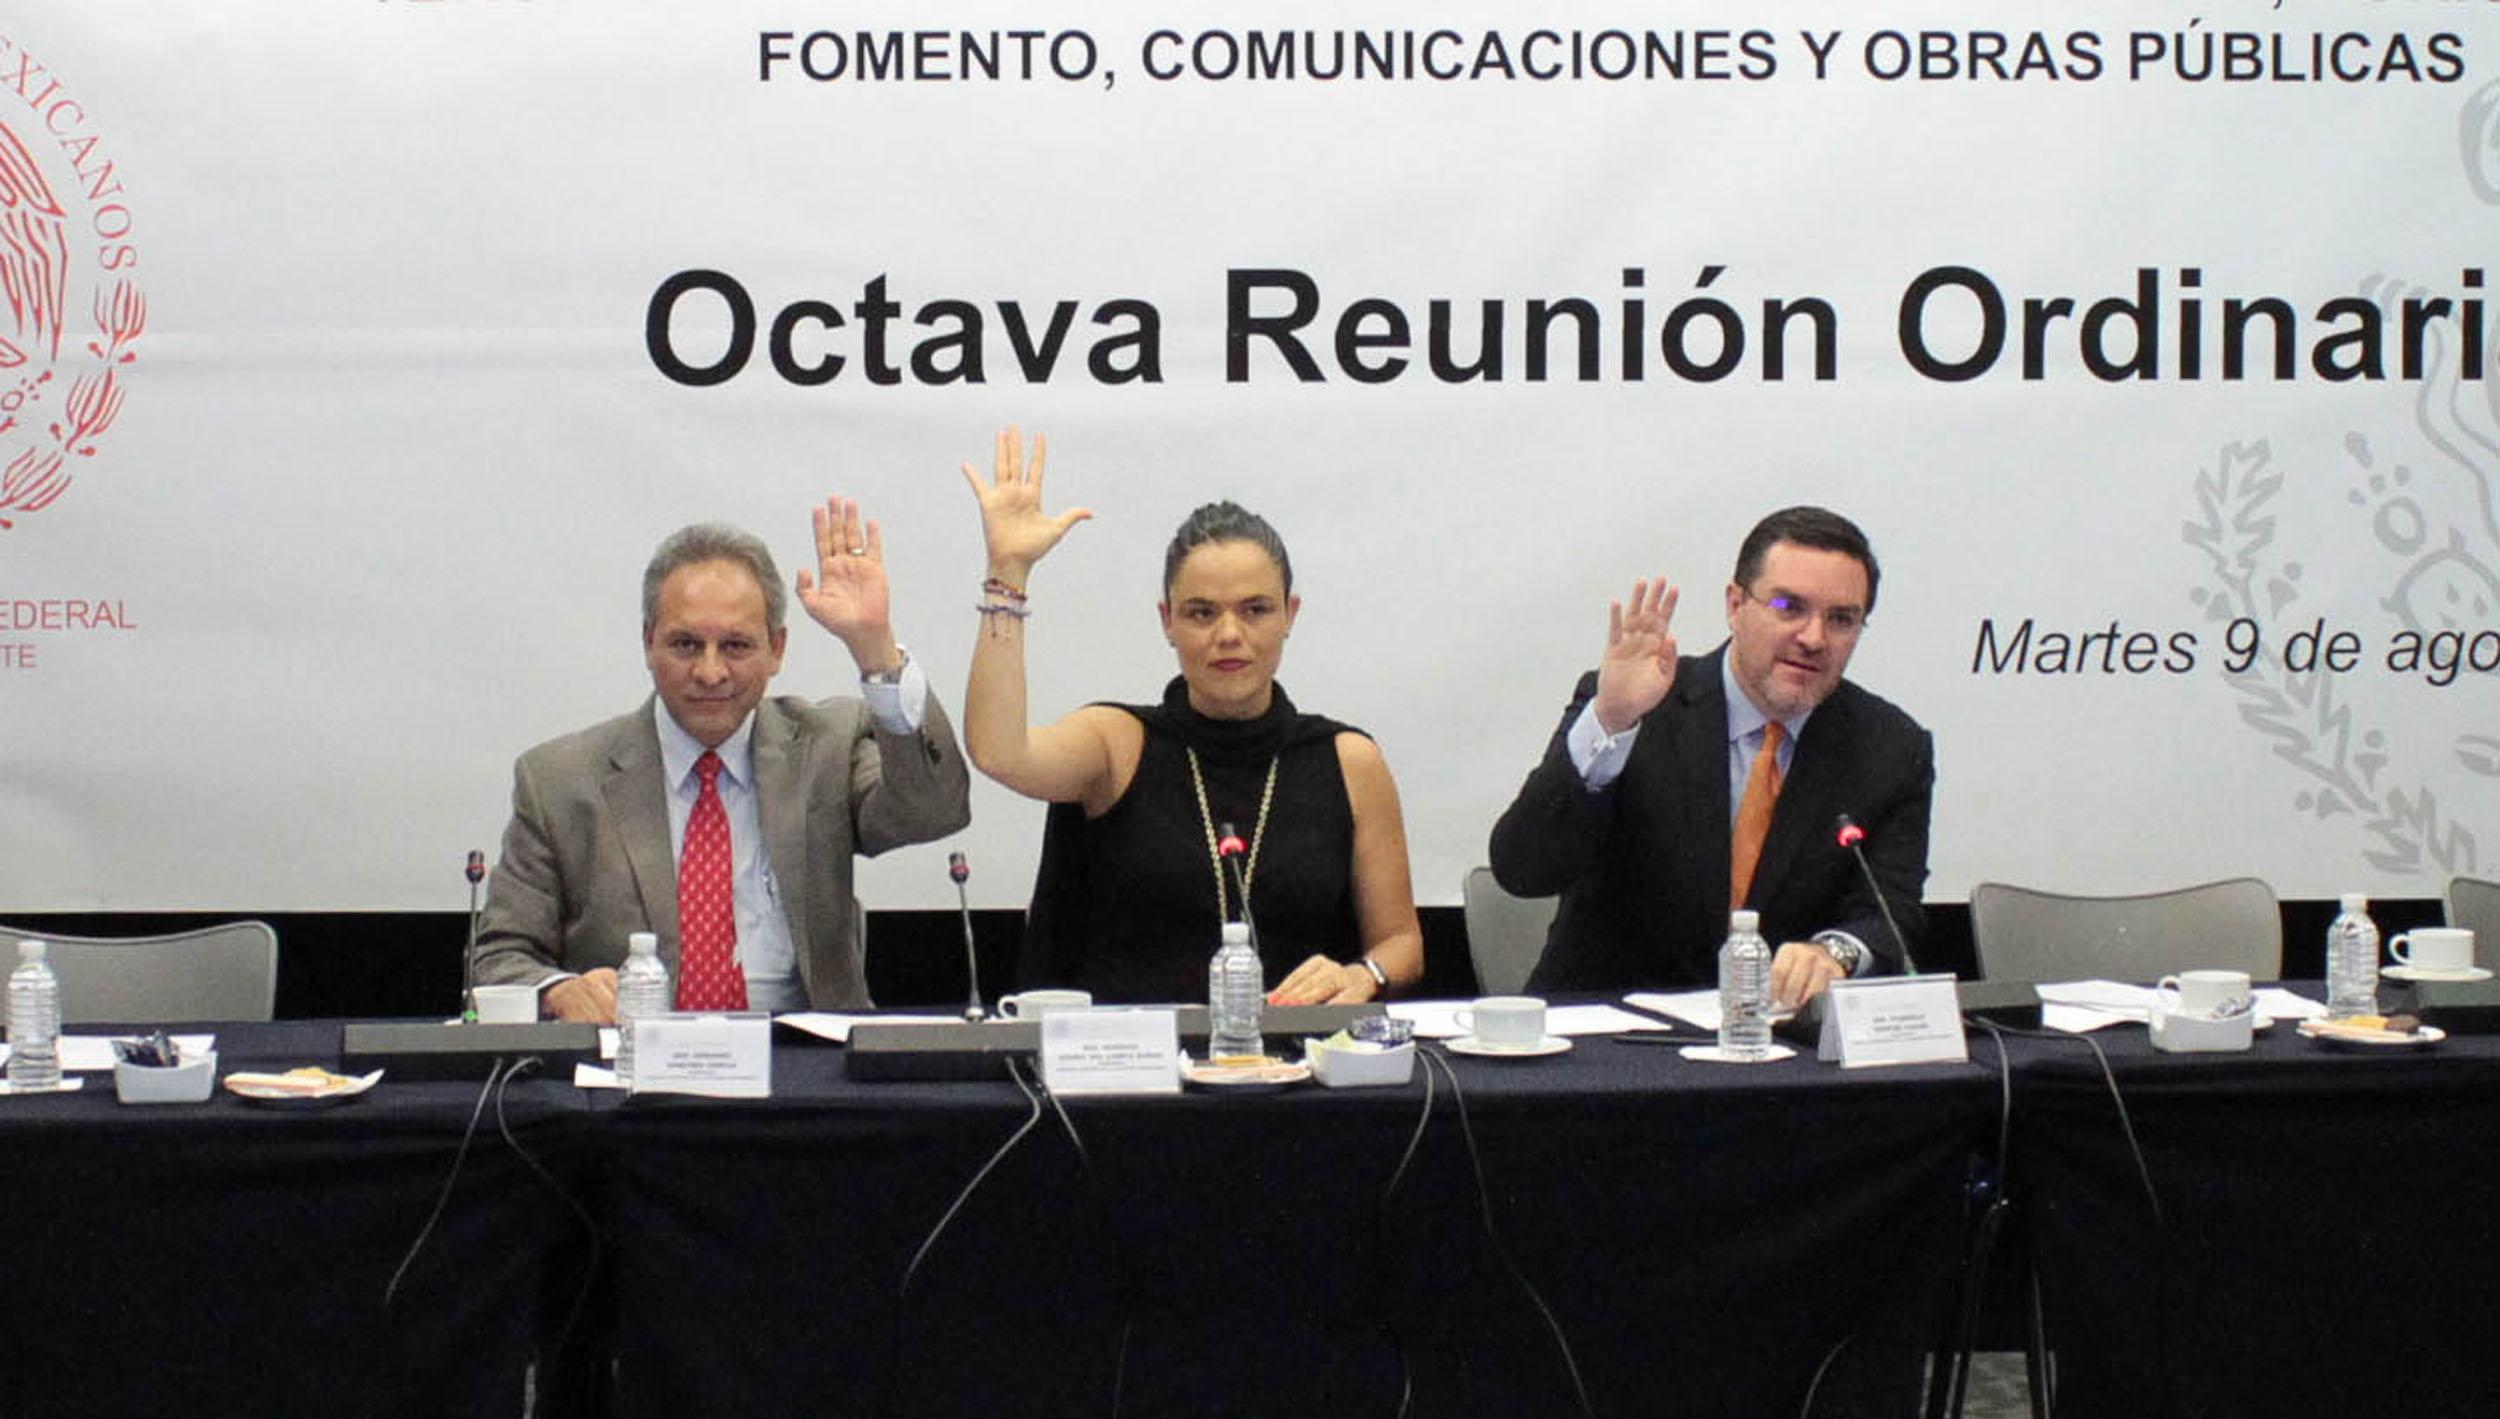 RECLAMAN GASOLINAZOS A SECRETARIOS: Acusa oposición en el Senado que gobierno urdió engaño para incrementos a gasolinas y tarifas de luz